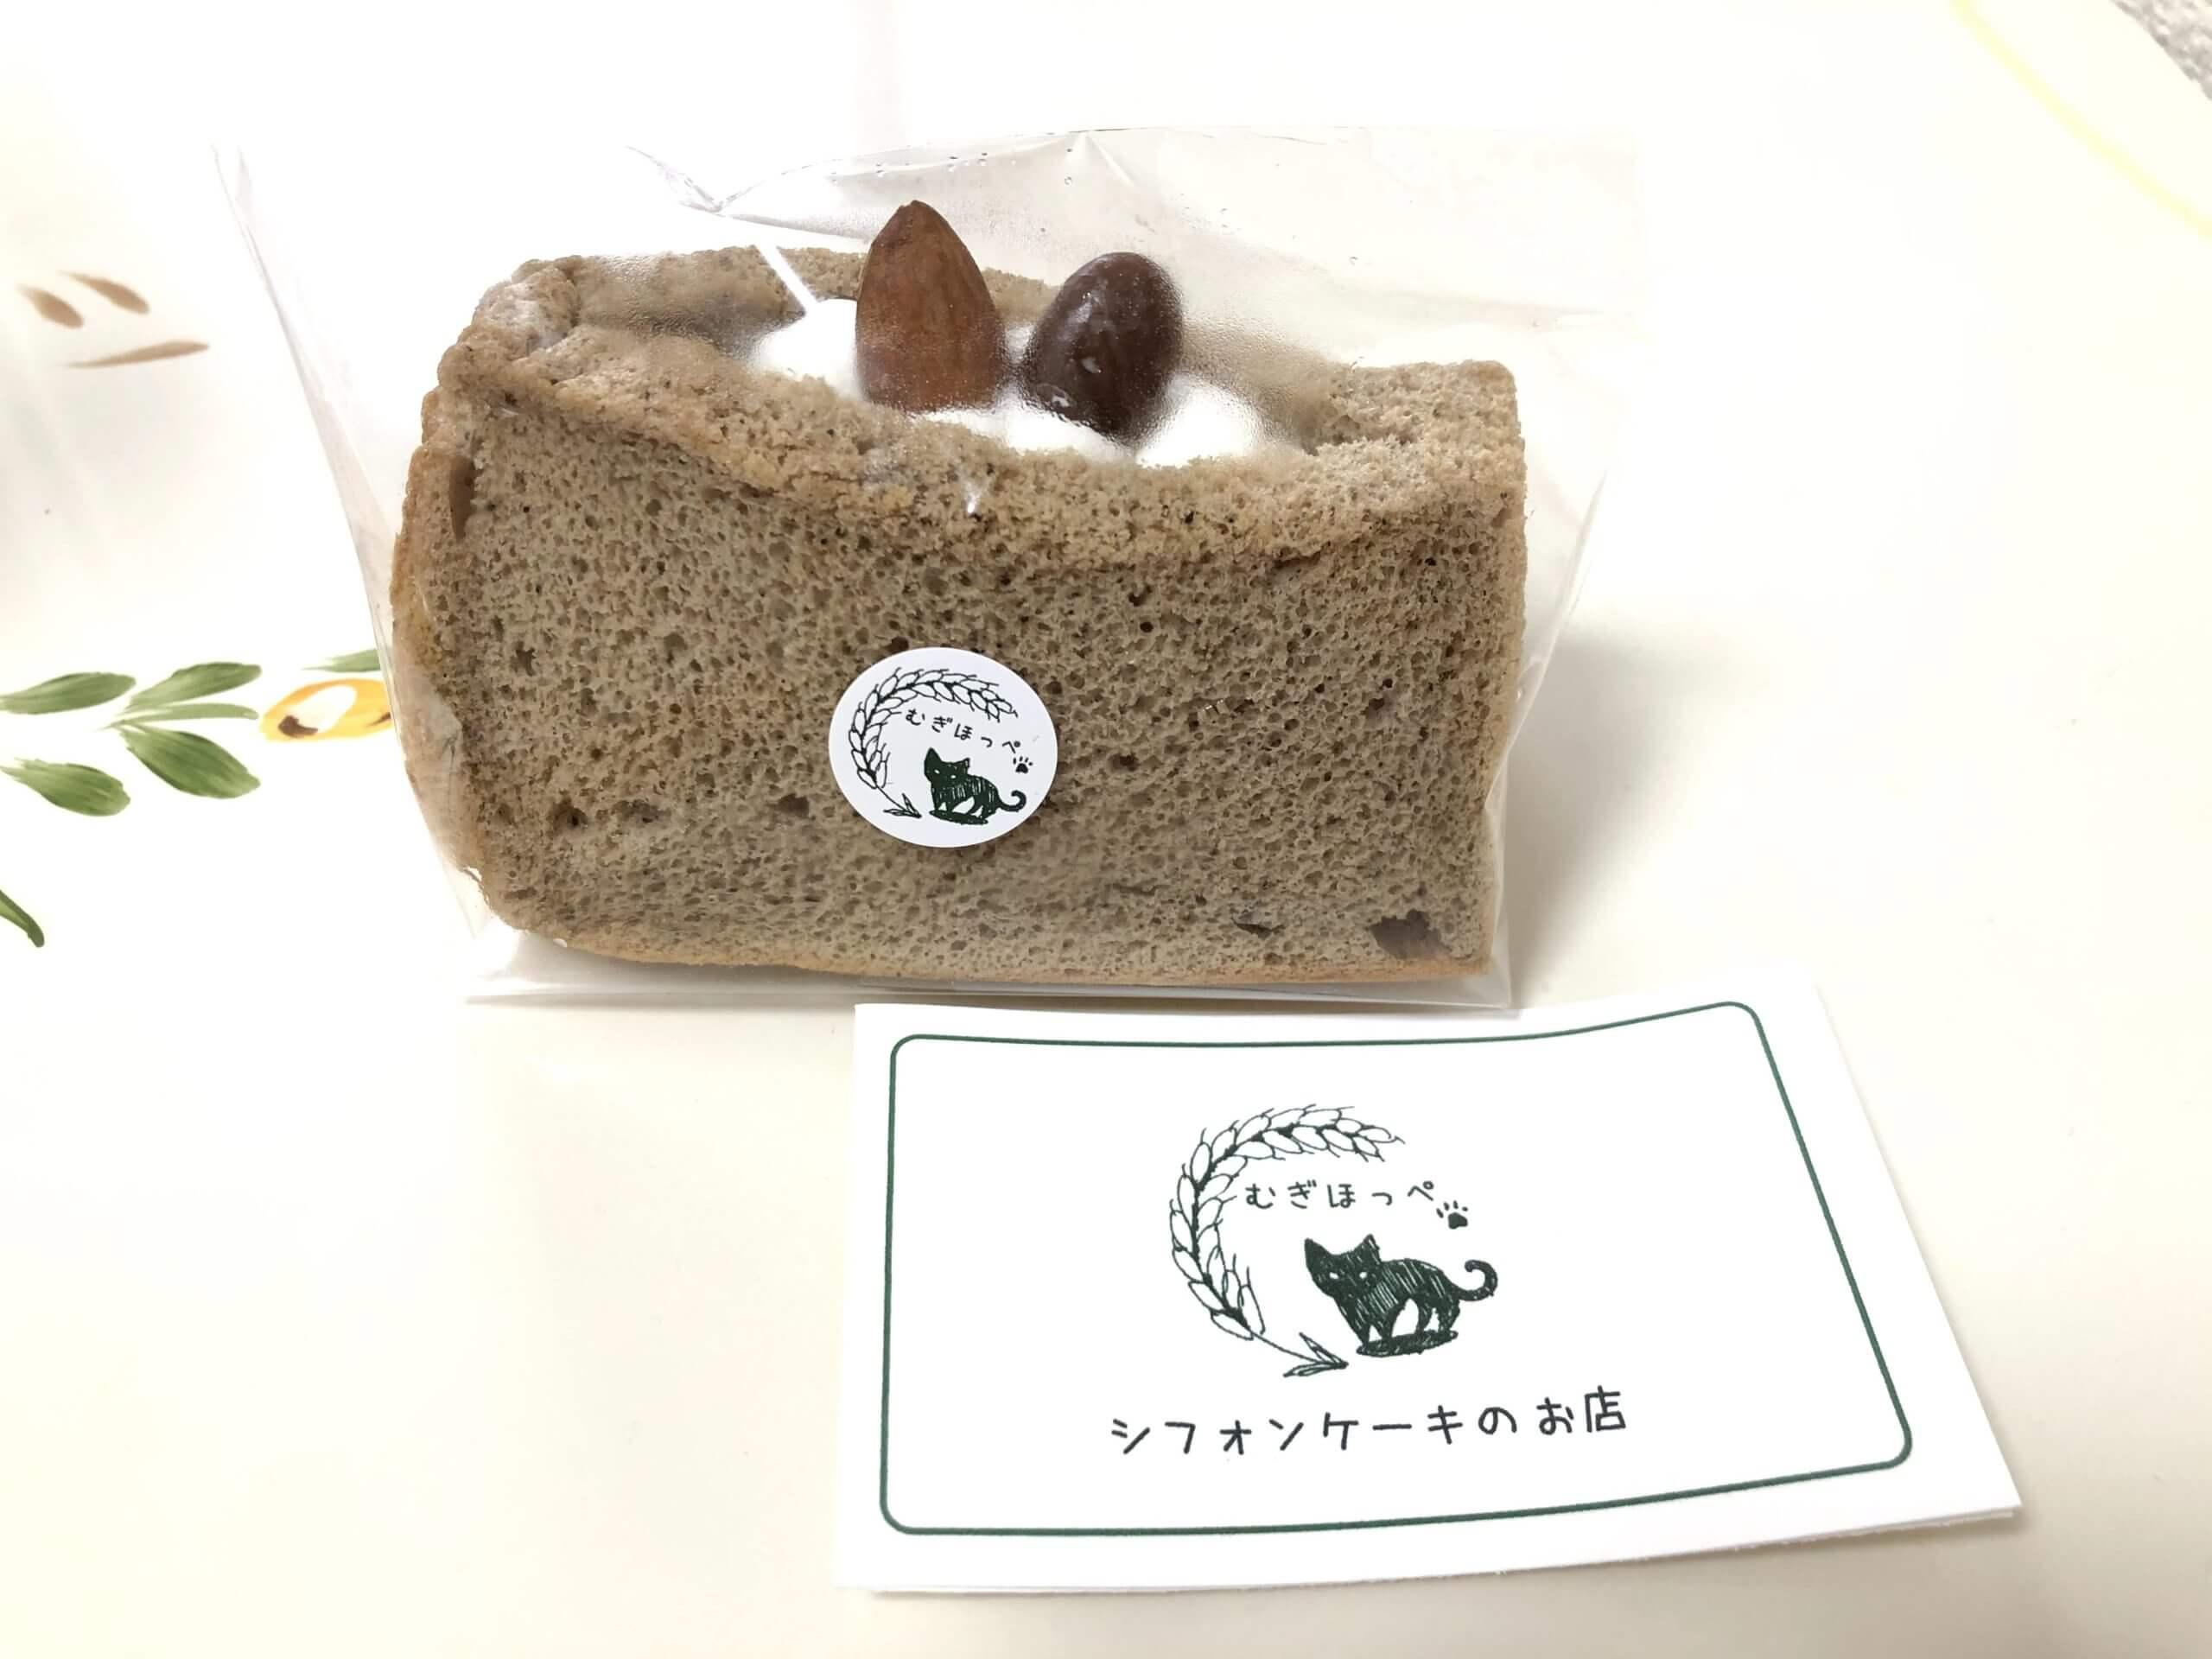 【むぎほっぺ】心温まる優しいお店。クリーム入りシフォンケーキあります《熊本市東区錦ケ丘》